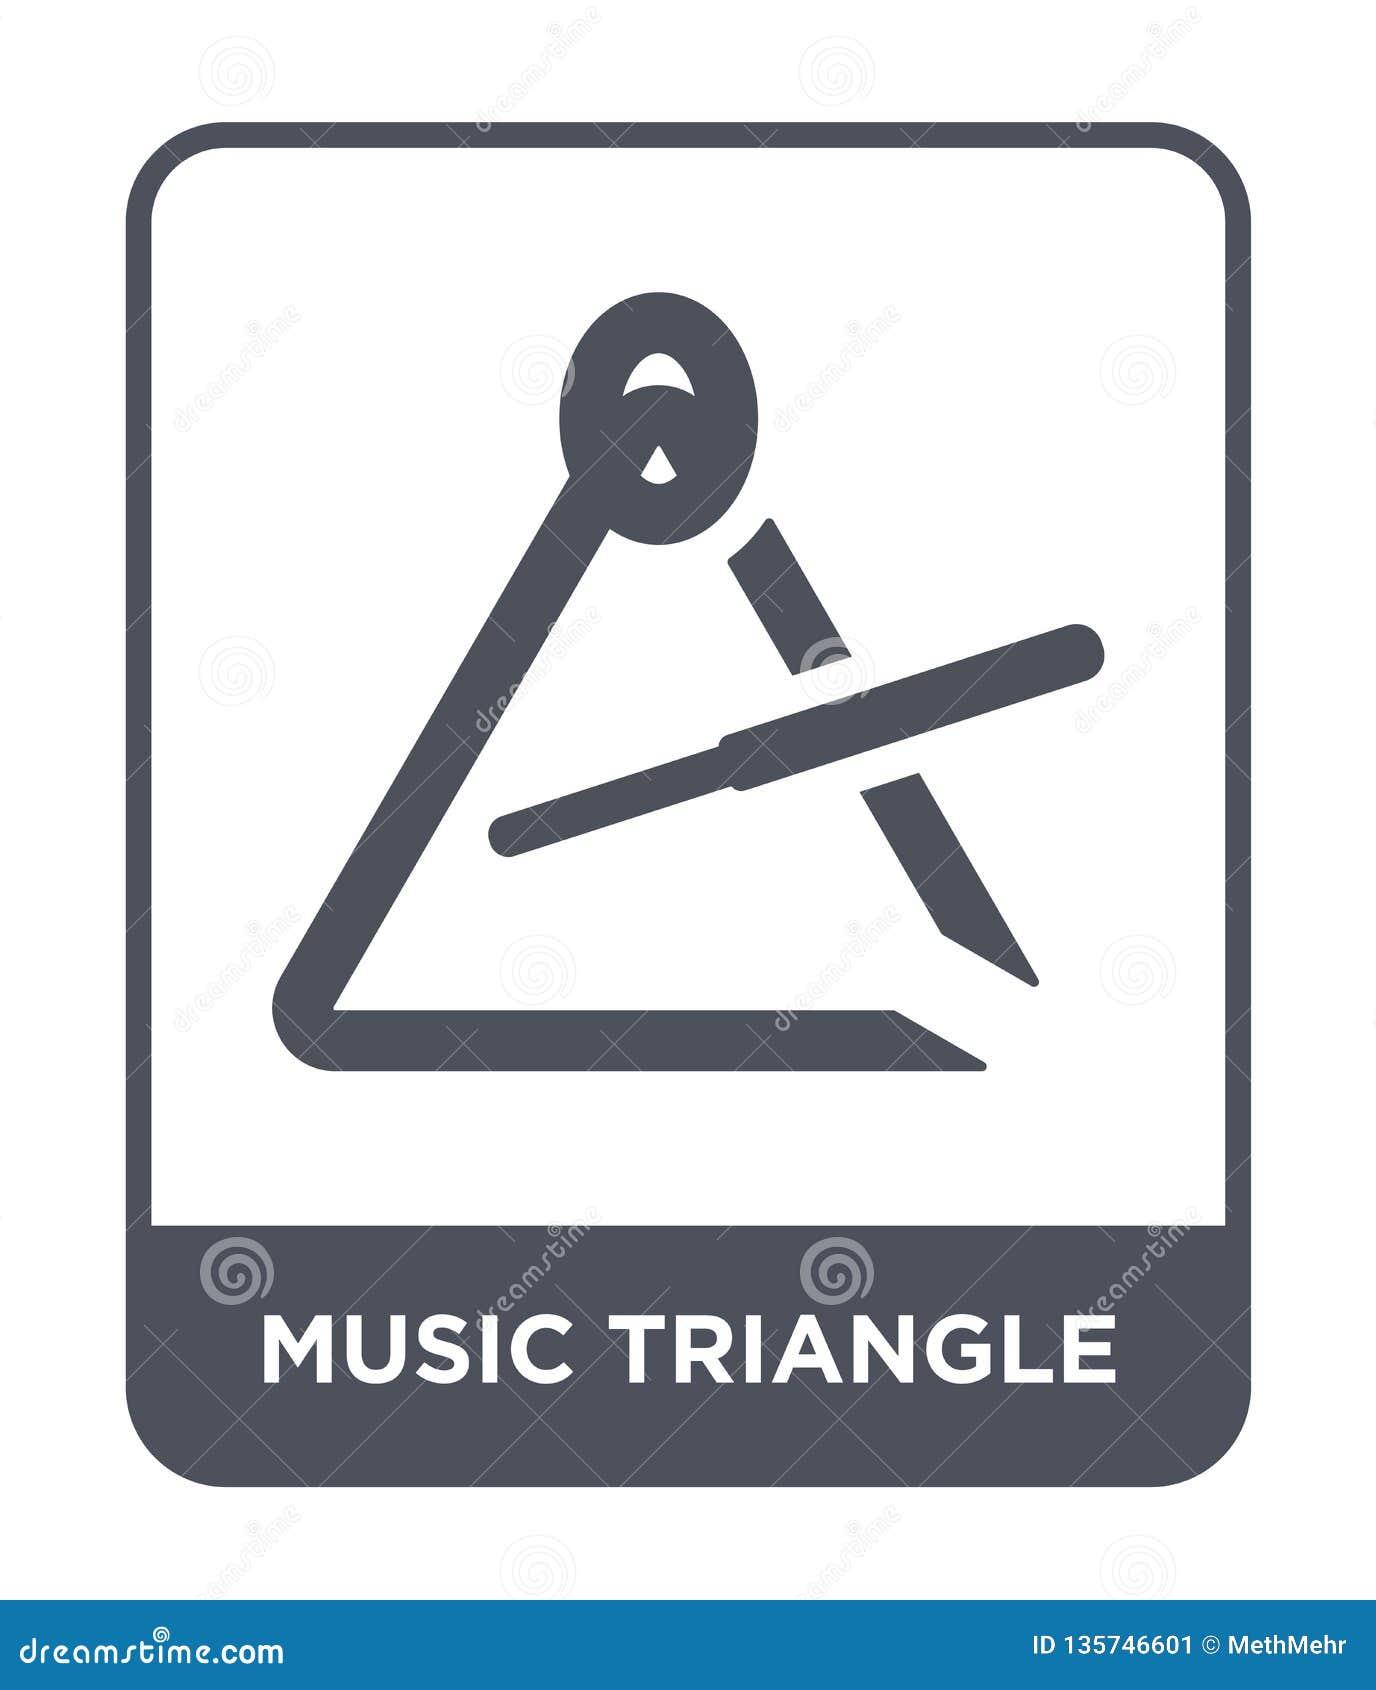 Het pictogram van de muziekdriehoek in in ontwerpstijl het pictogram van de muziekdriehoek op witte achtergrond wordt geïsoleerd